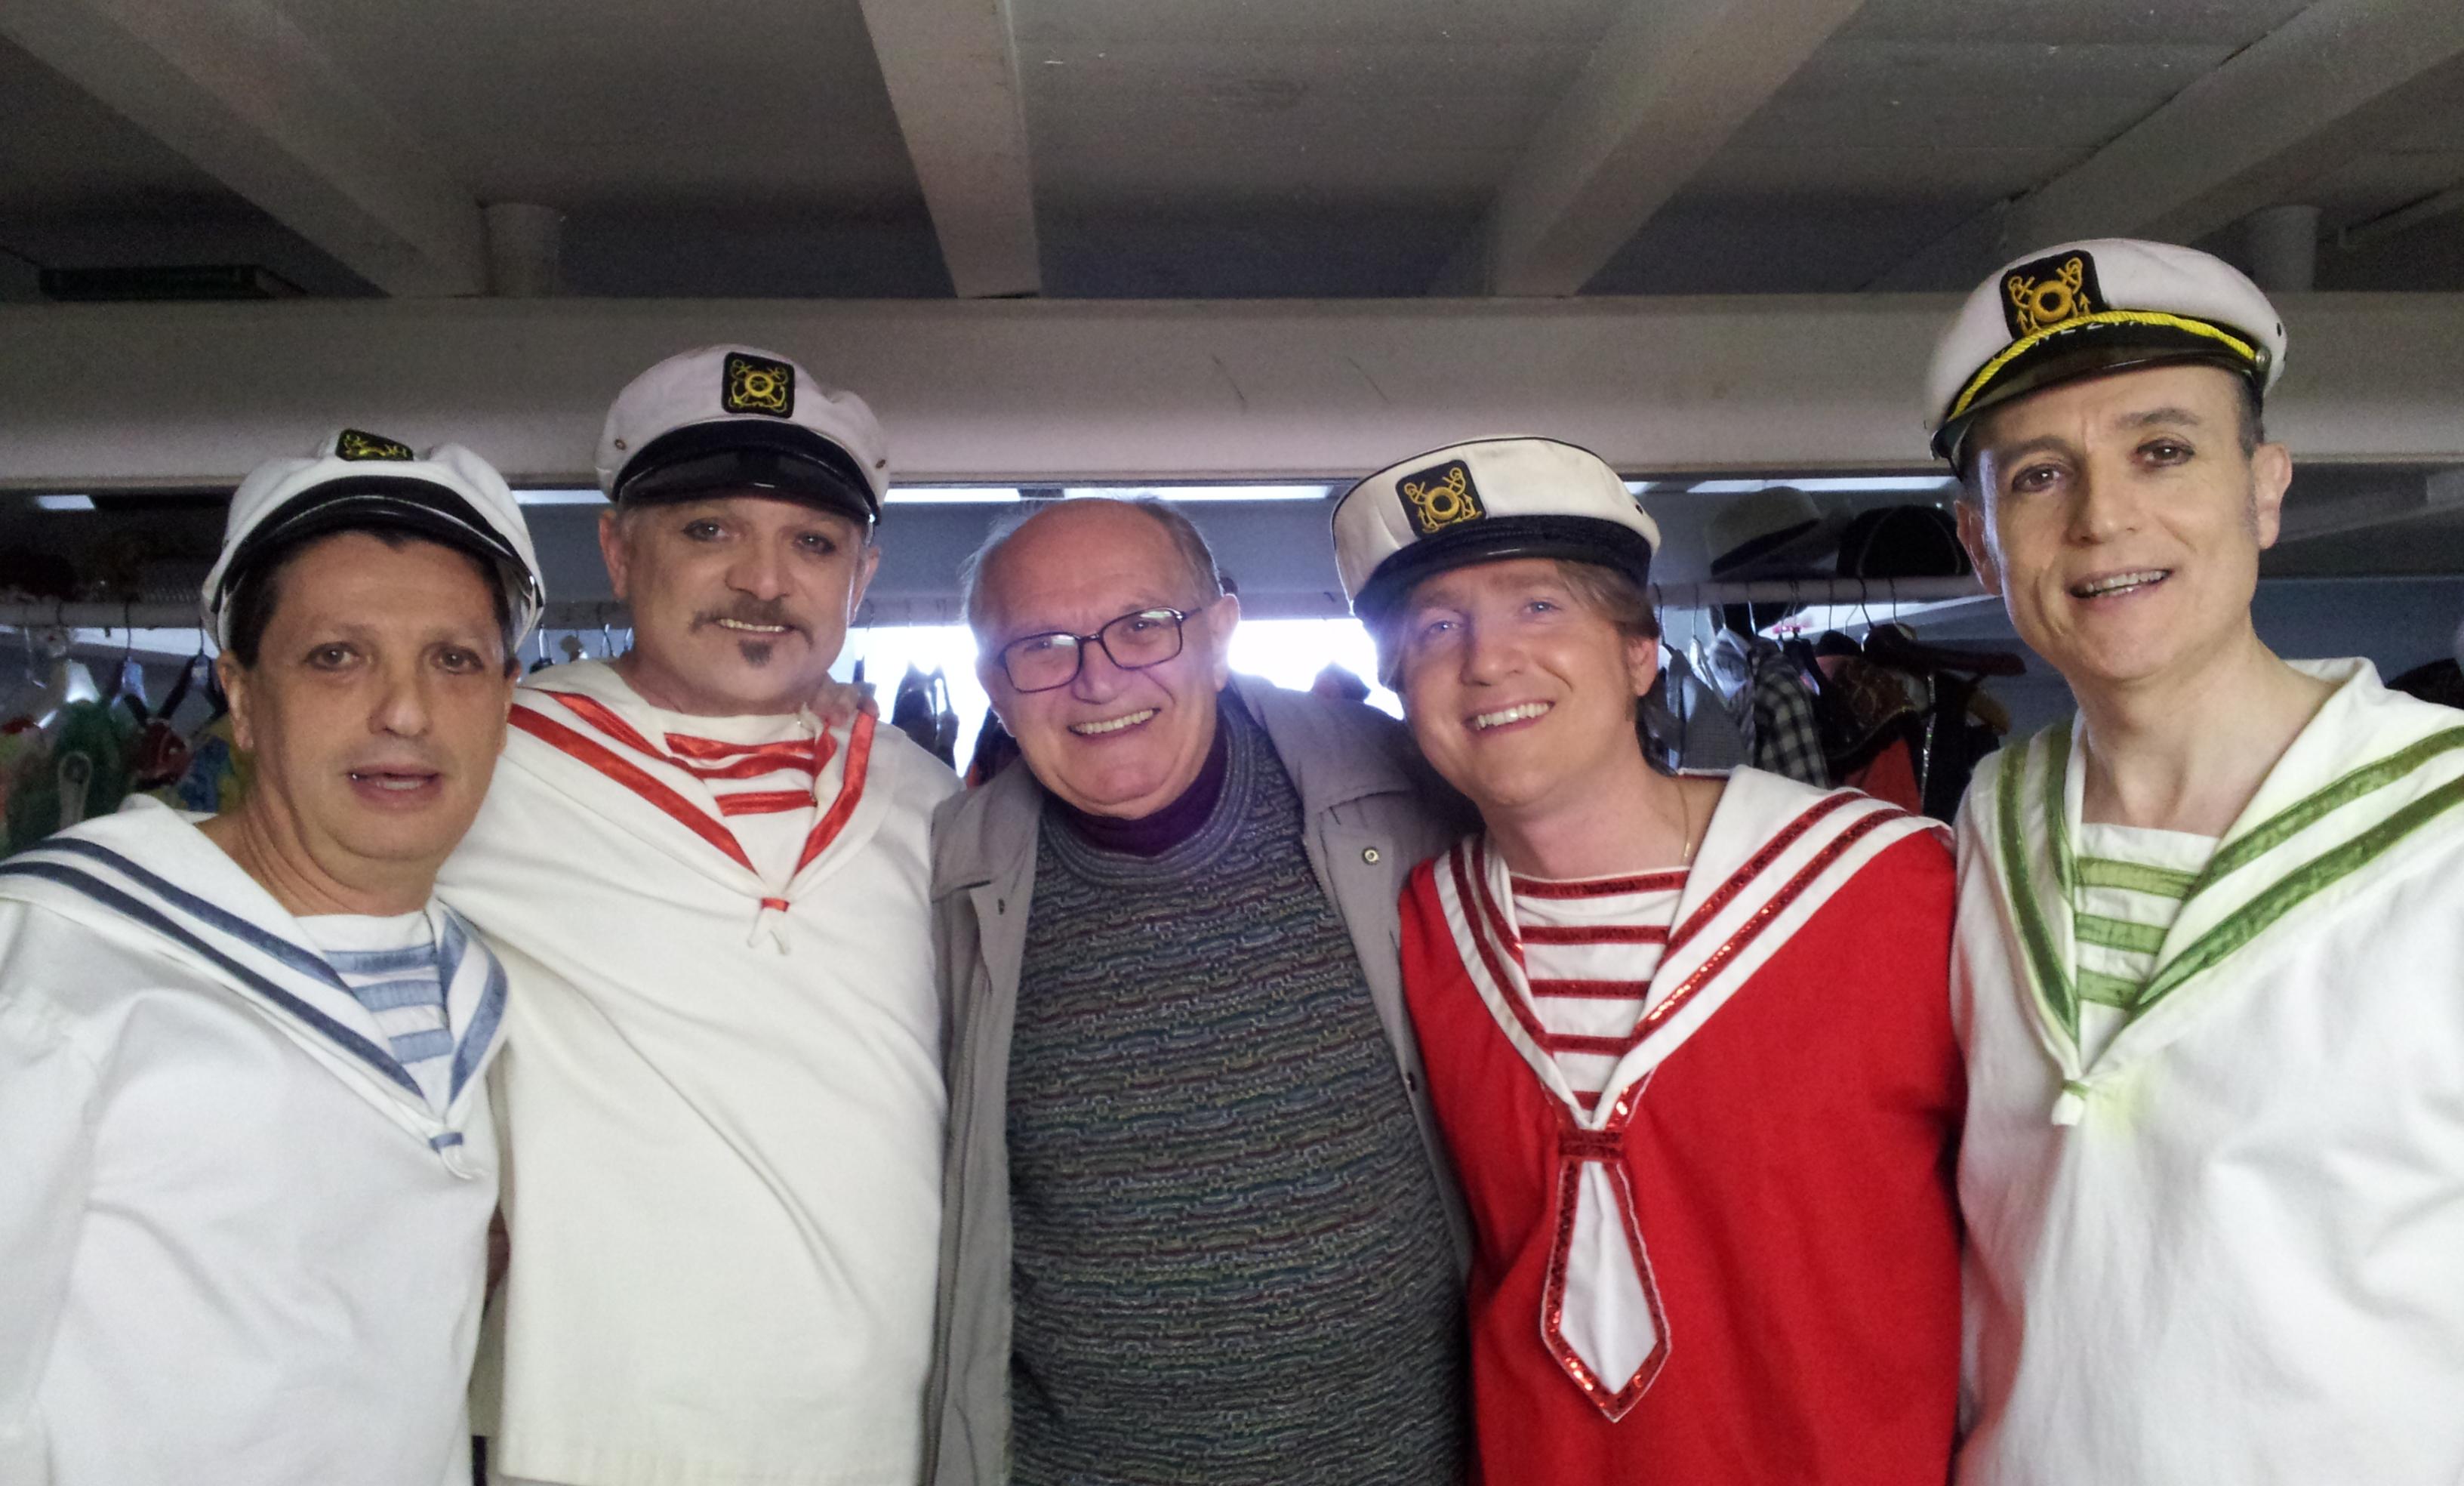 Marco Clerici ed il gruppo dei marinai ballerini con il regista Mario Lino